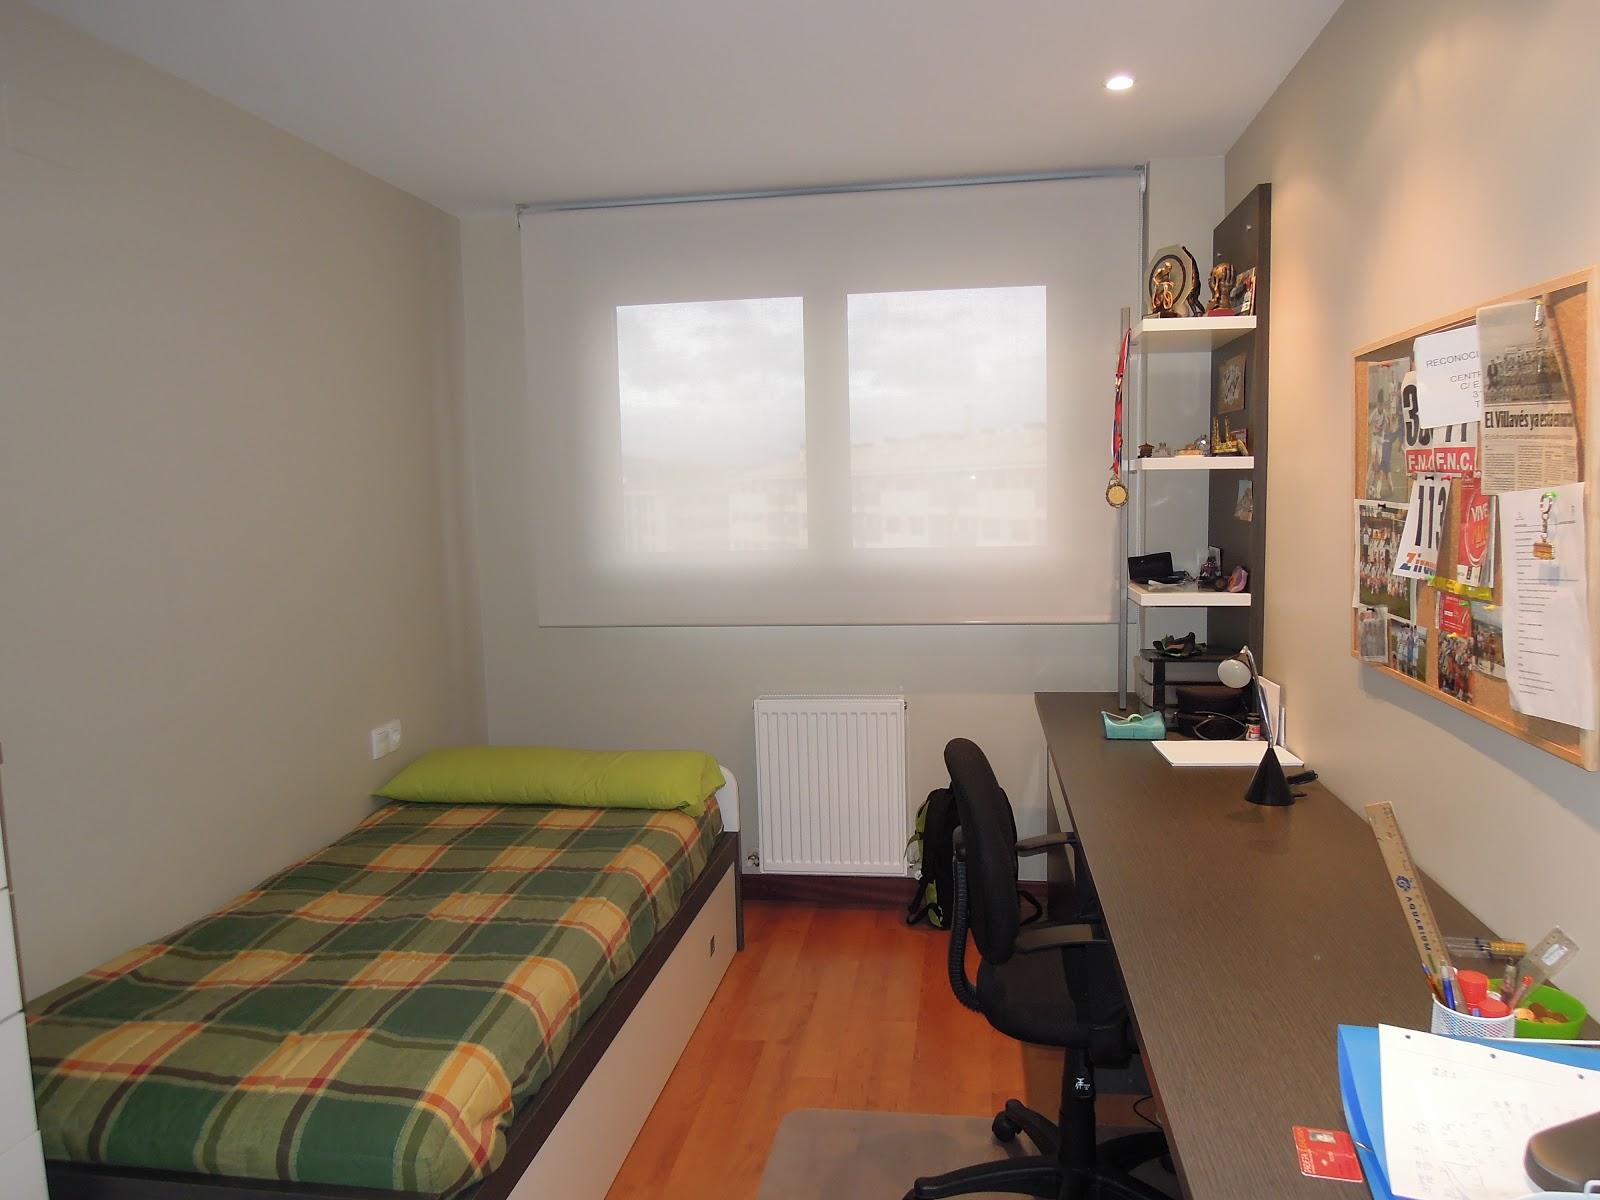 Fotos de cortinas dormitorio juvenil 2012 - Cortinas habitaciones juveniles ...